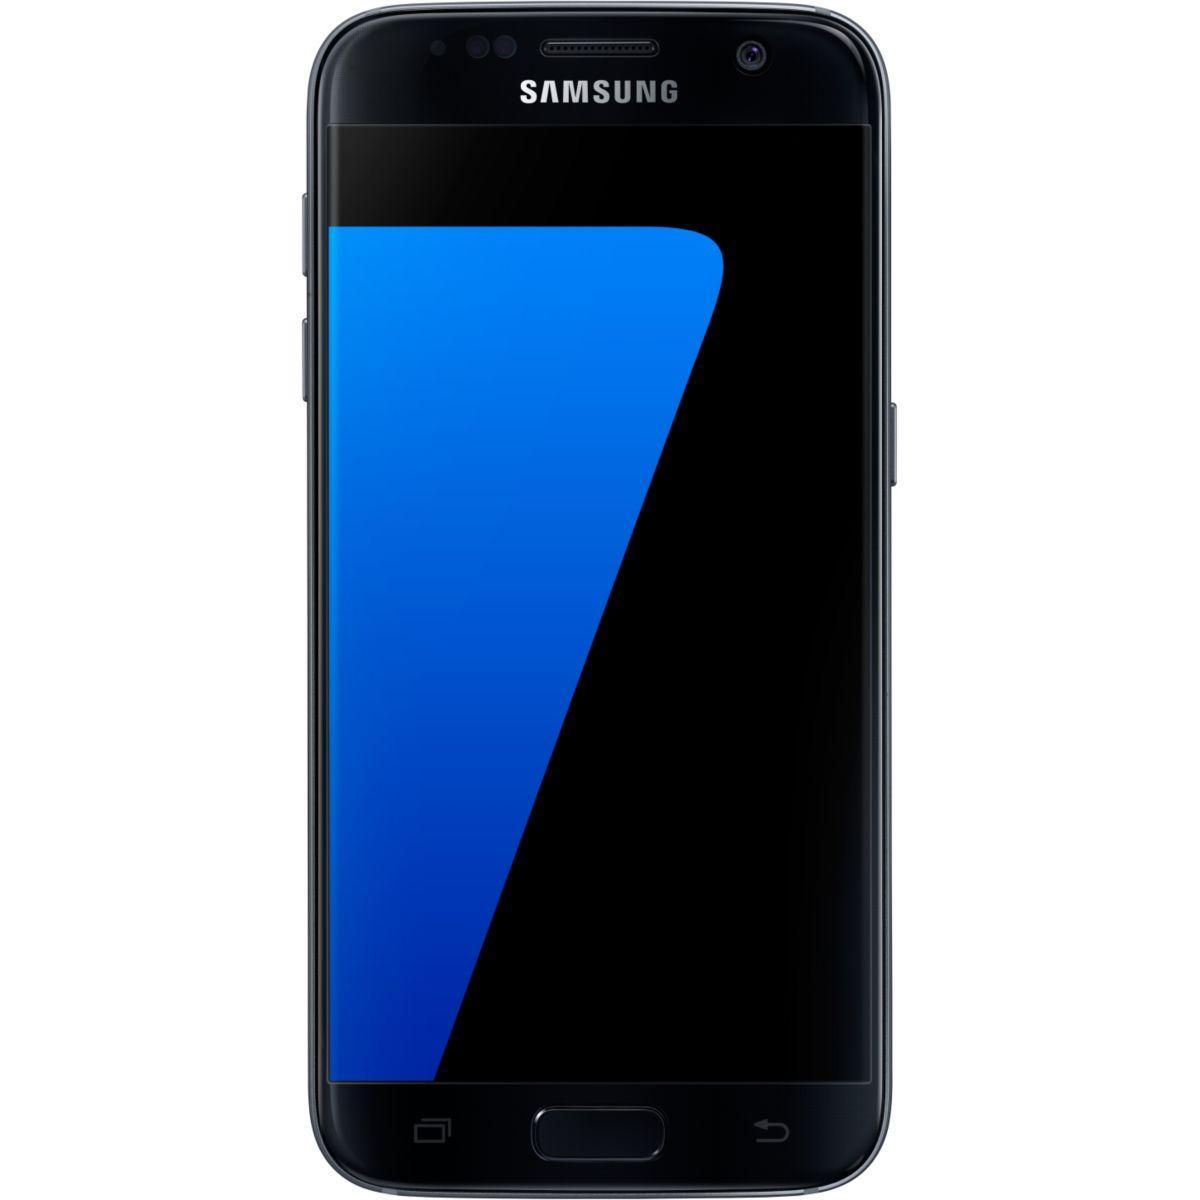 Pack promo smartphone samsung galaxy s7 32 go noir + caméra 360° samsung gear 360 - soldes et bonnes affaires à prix imbattables